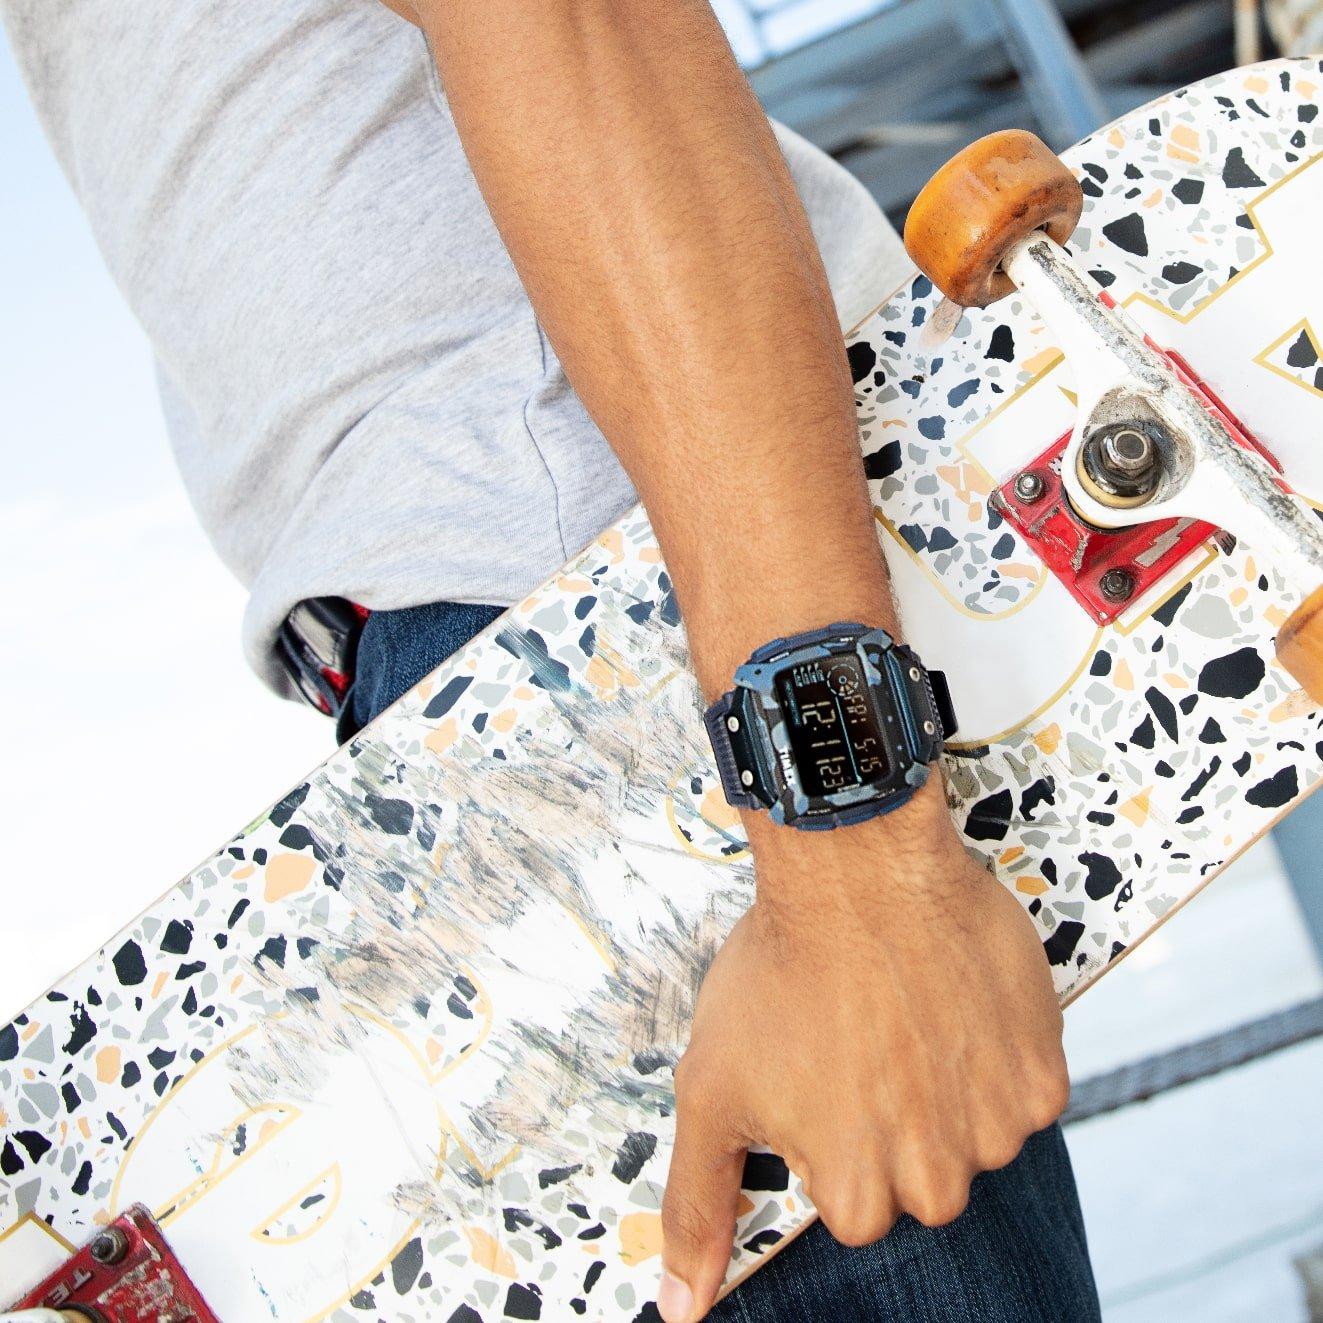 Zegarek Timex Command dla chłopaka.